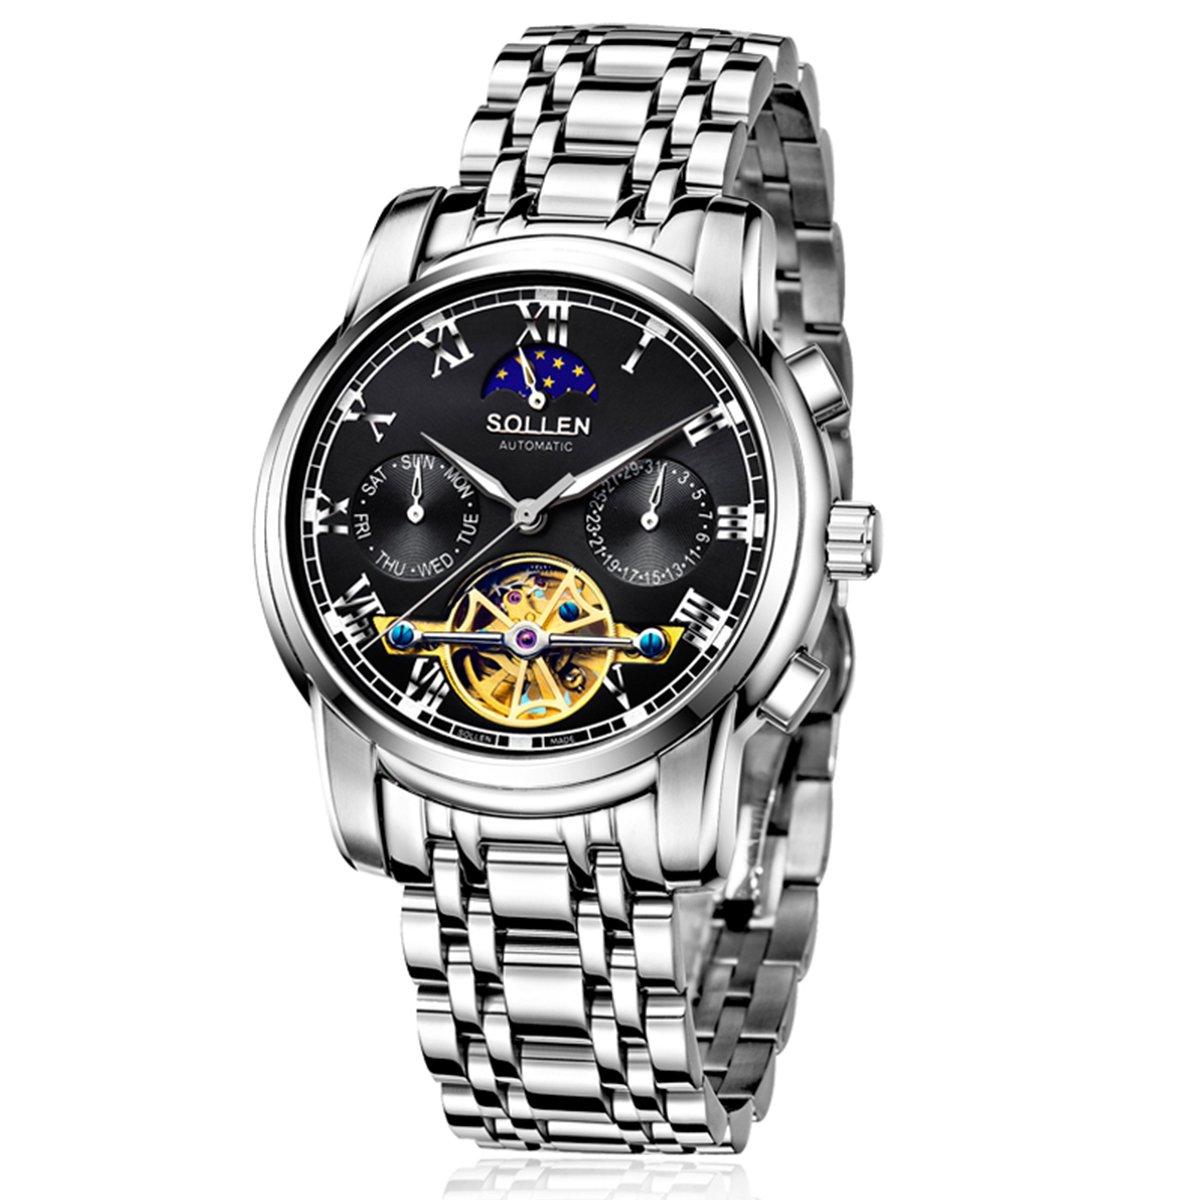 SOLLEN SL-804 Men's Flywheel Automatic Water Resistant Business Wrist Watch with Luminous Hands (Black) by SOLLEN